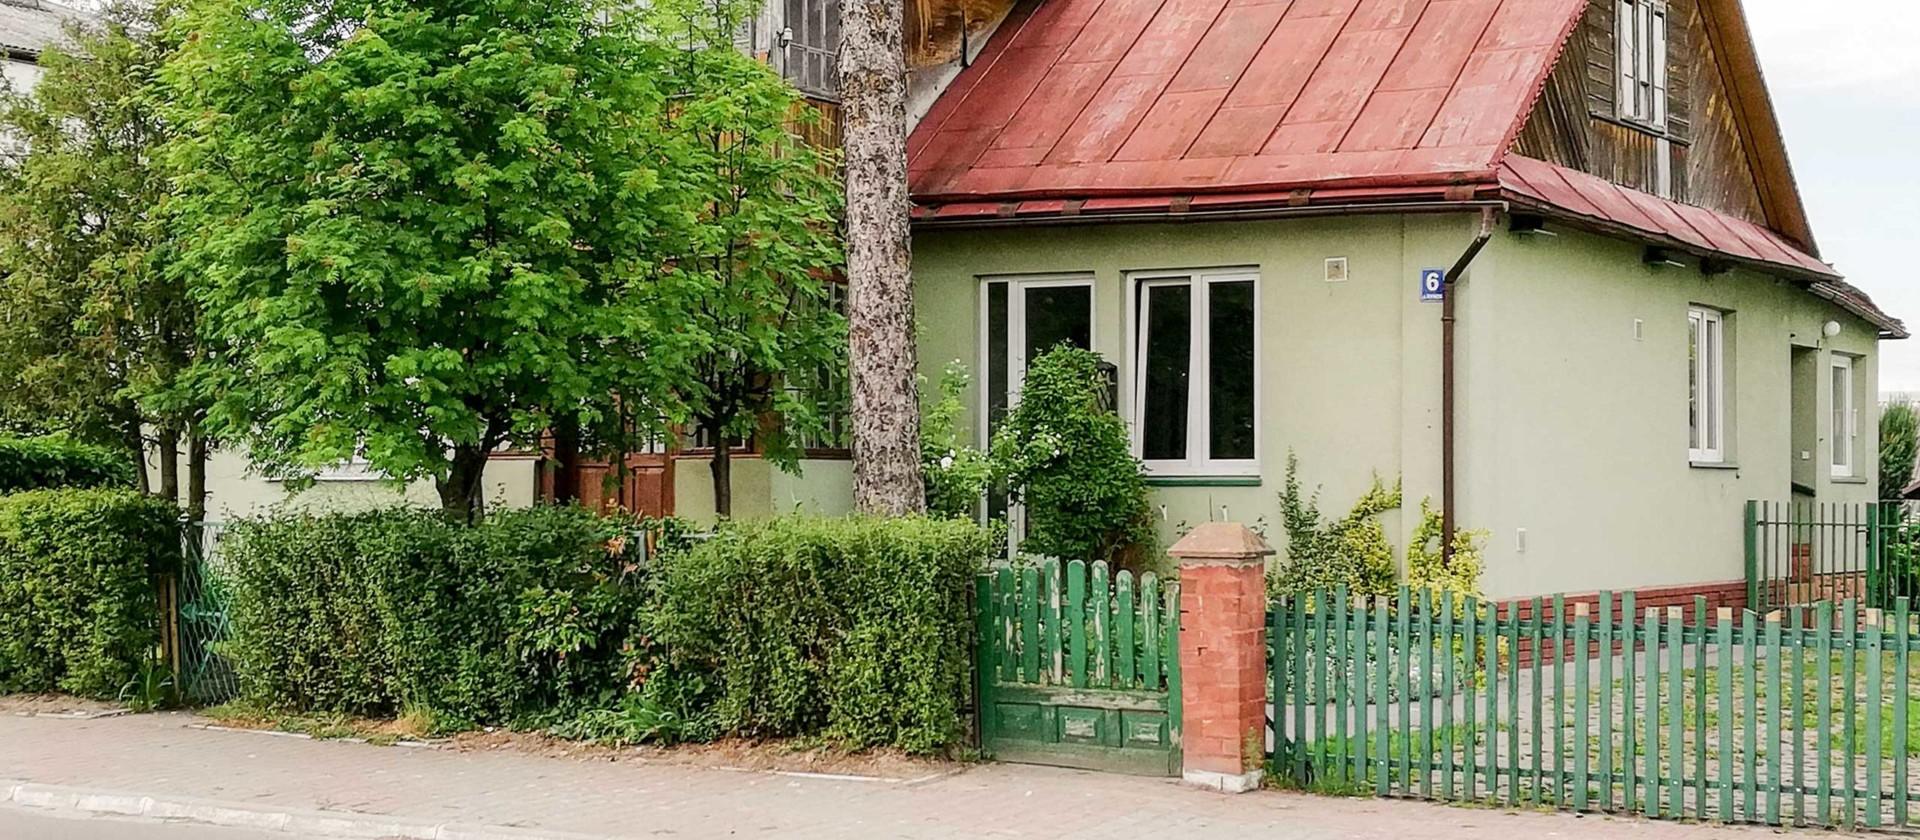 35 - Nieruchomości Krzysztof Górski Zamość, biuro nieruchomości, domy, mieszkania, działki, lokale, sprzedaż nieruchomości, wynajem nieruchomości